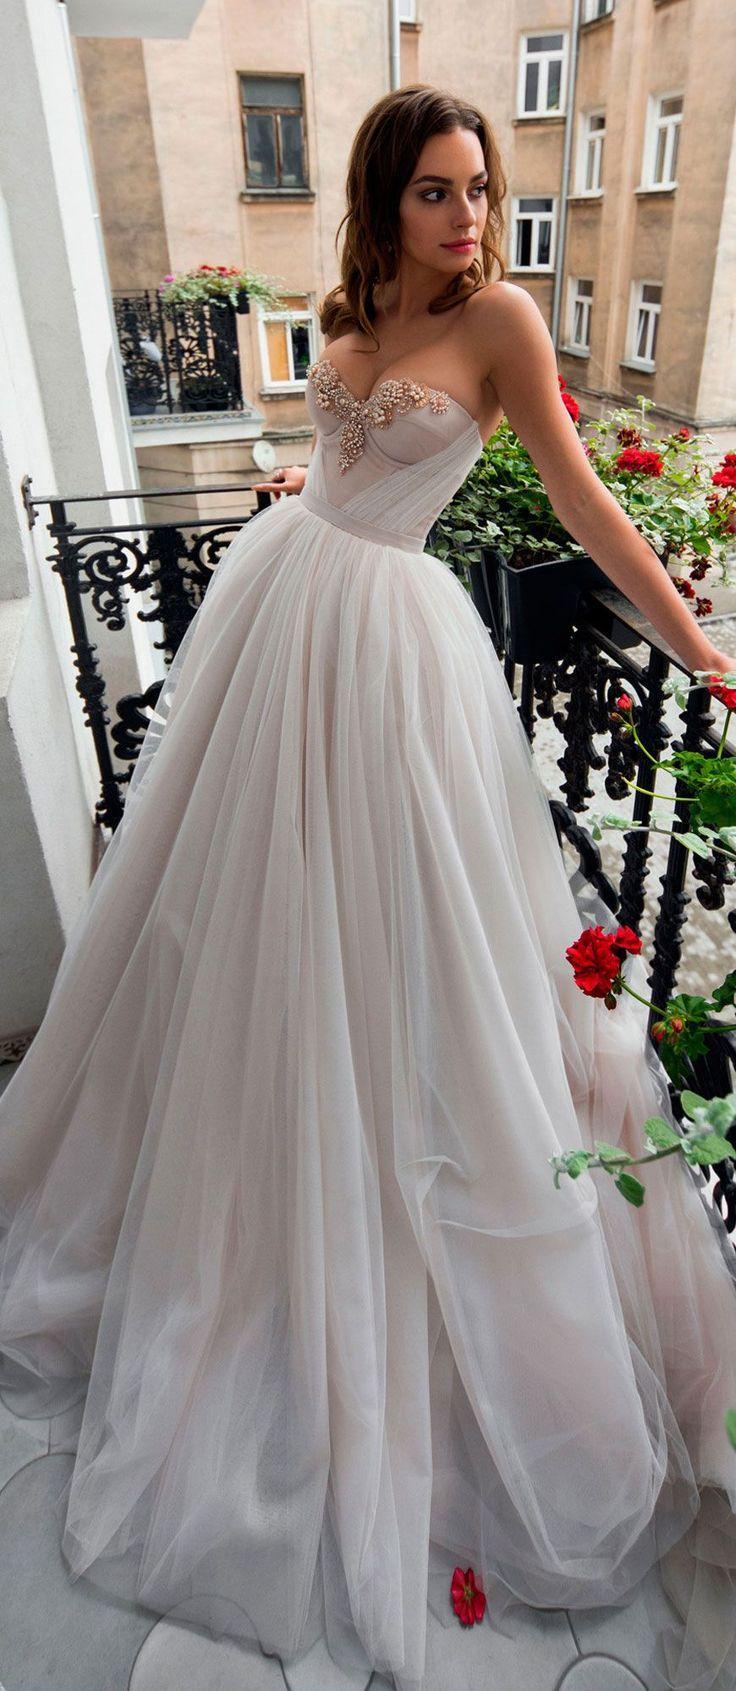 Hochzeit - BLAMMO-BIAMO 2018 Wedding Dresses